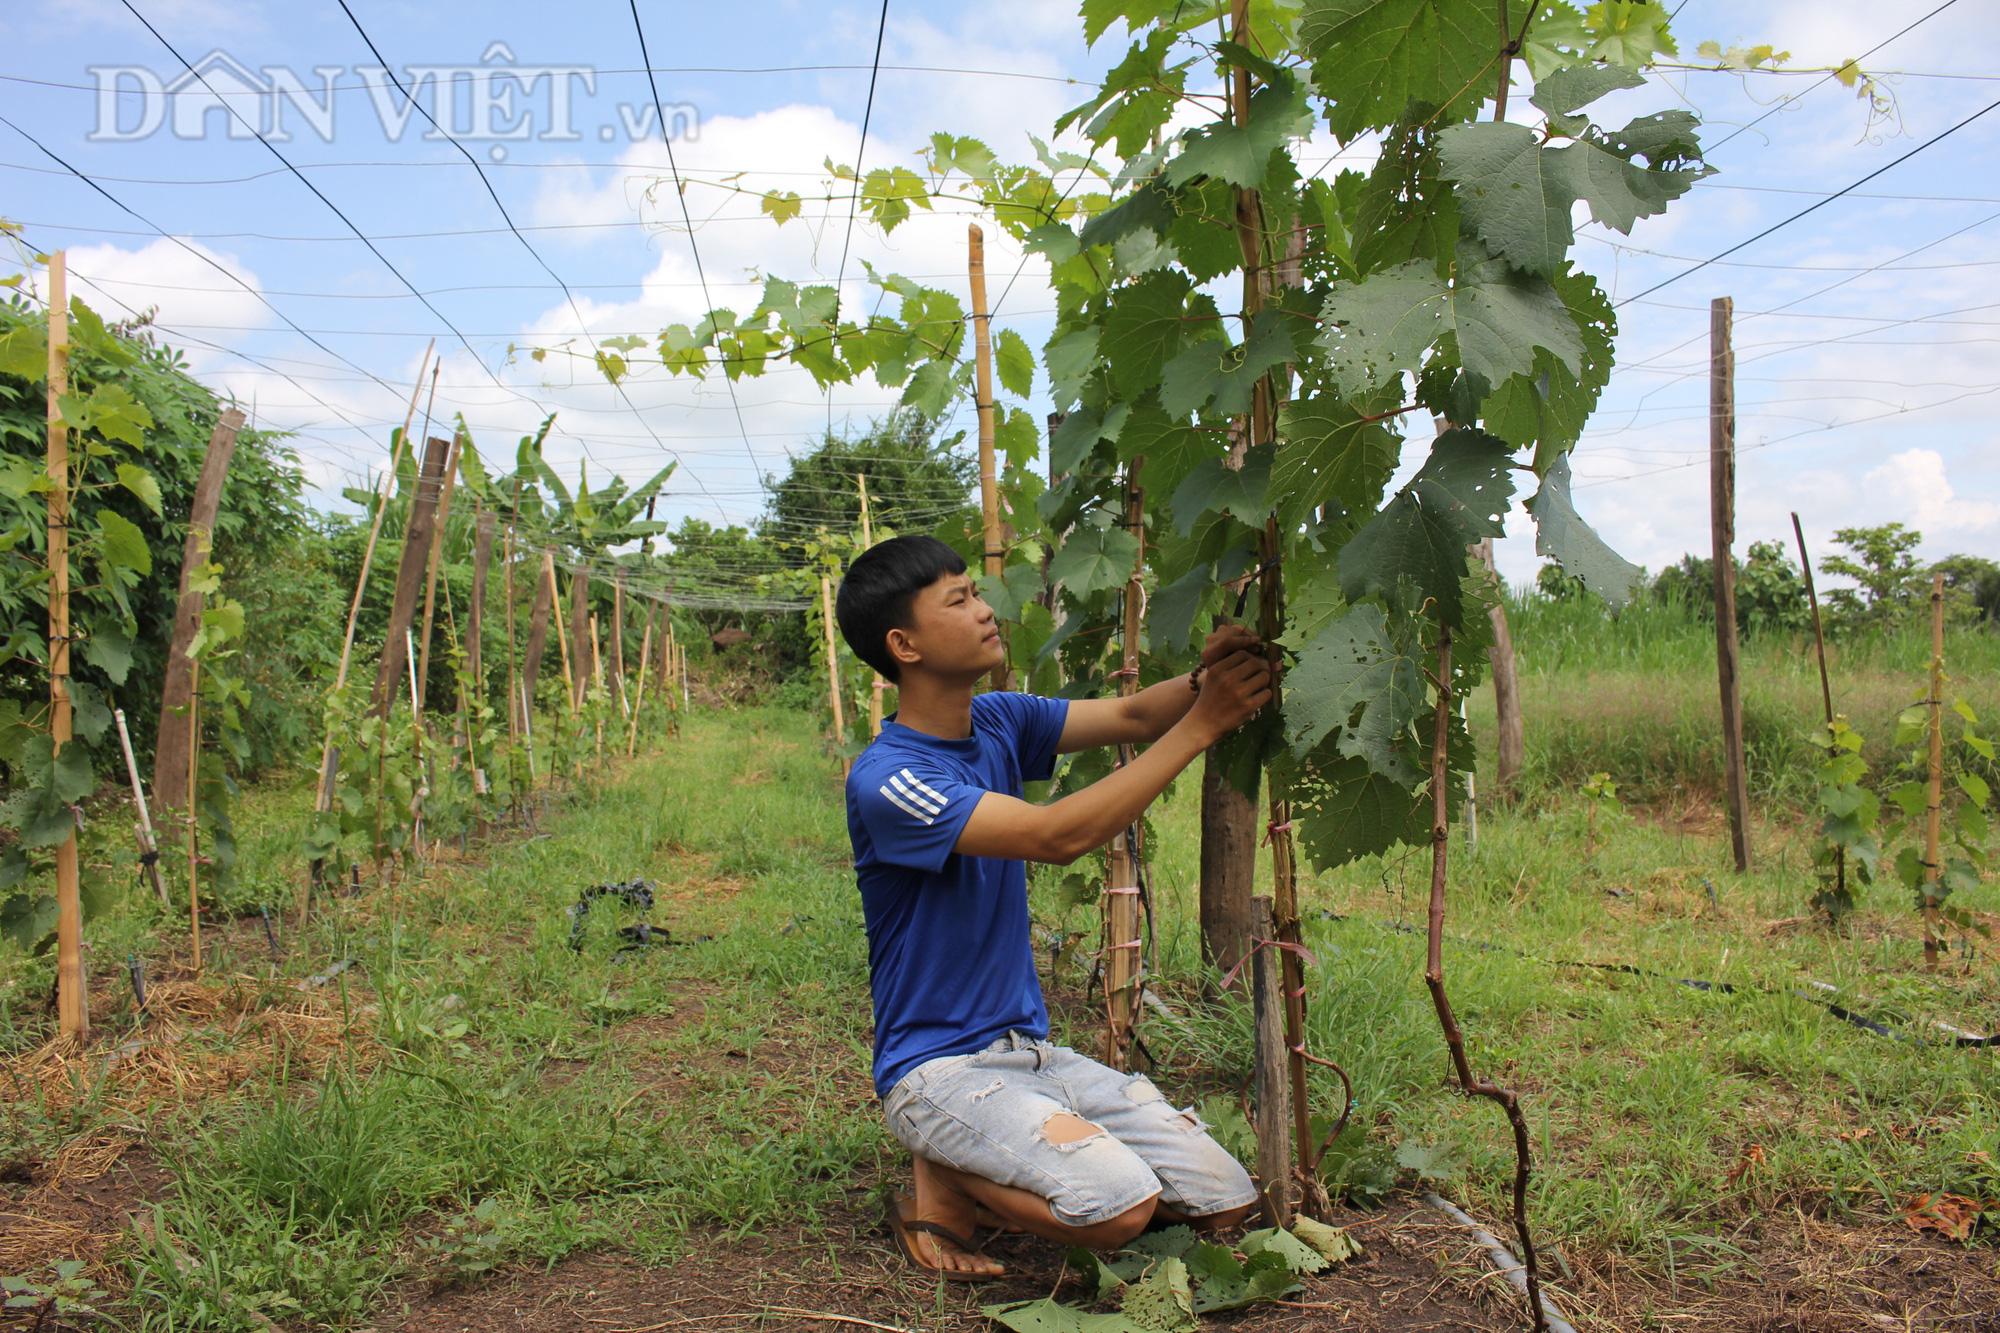 """Bỏ 2 năm học làm nông qua truyền hình, 9x Đắk Lắk làm nên """"miệt vườn"""" đáng mơ ước - Ảnh 6."""